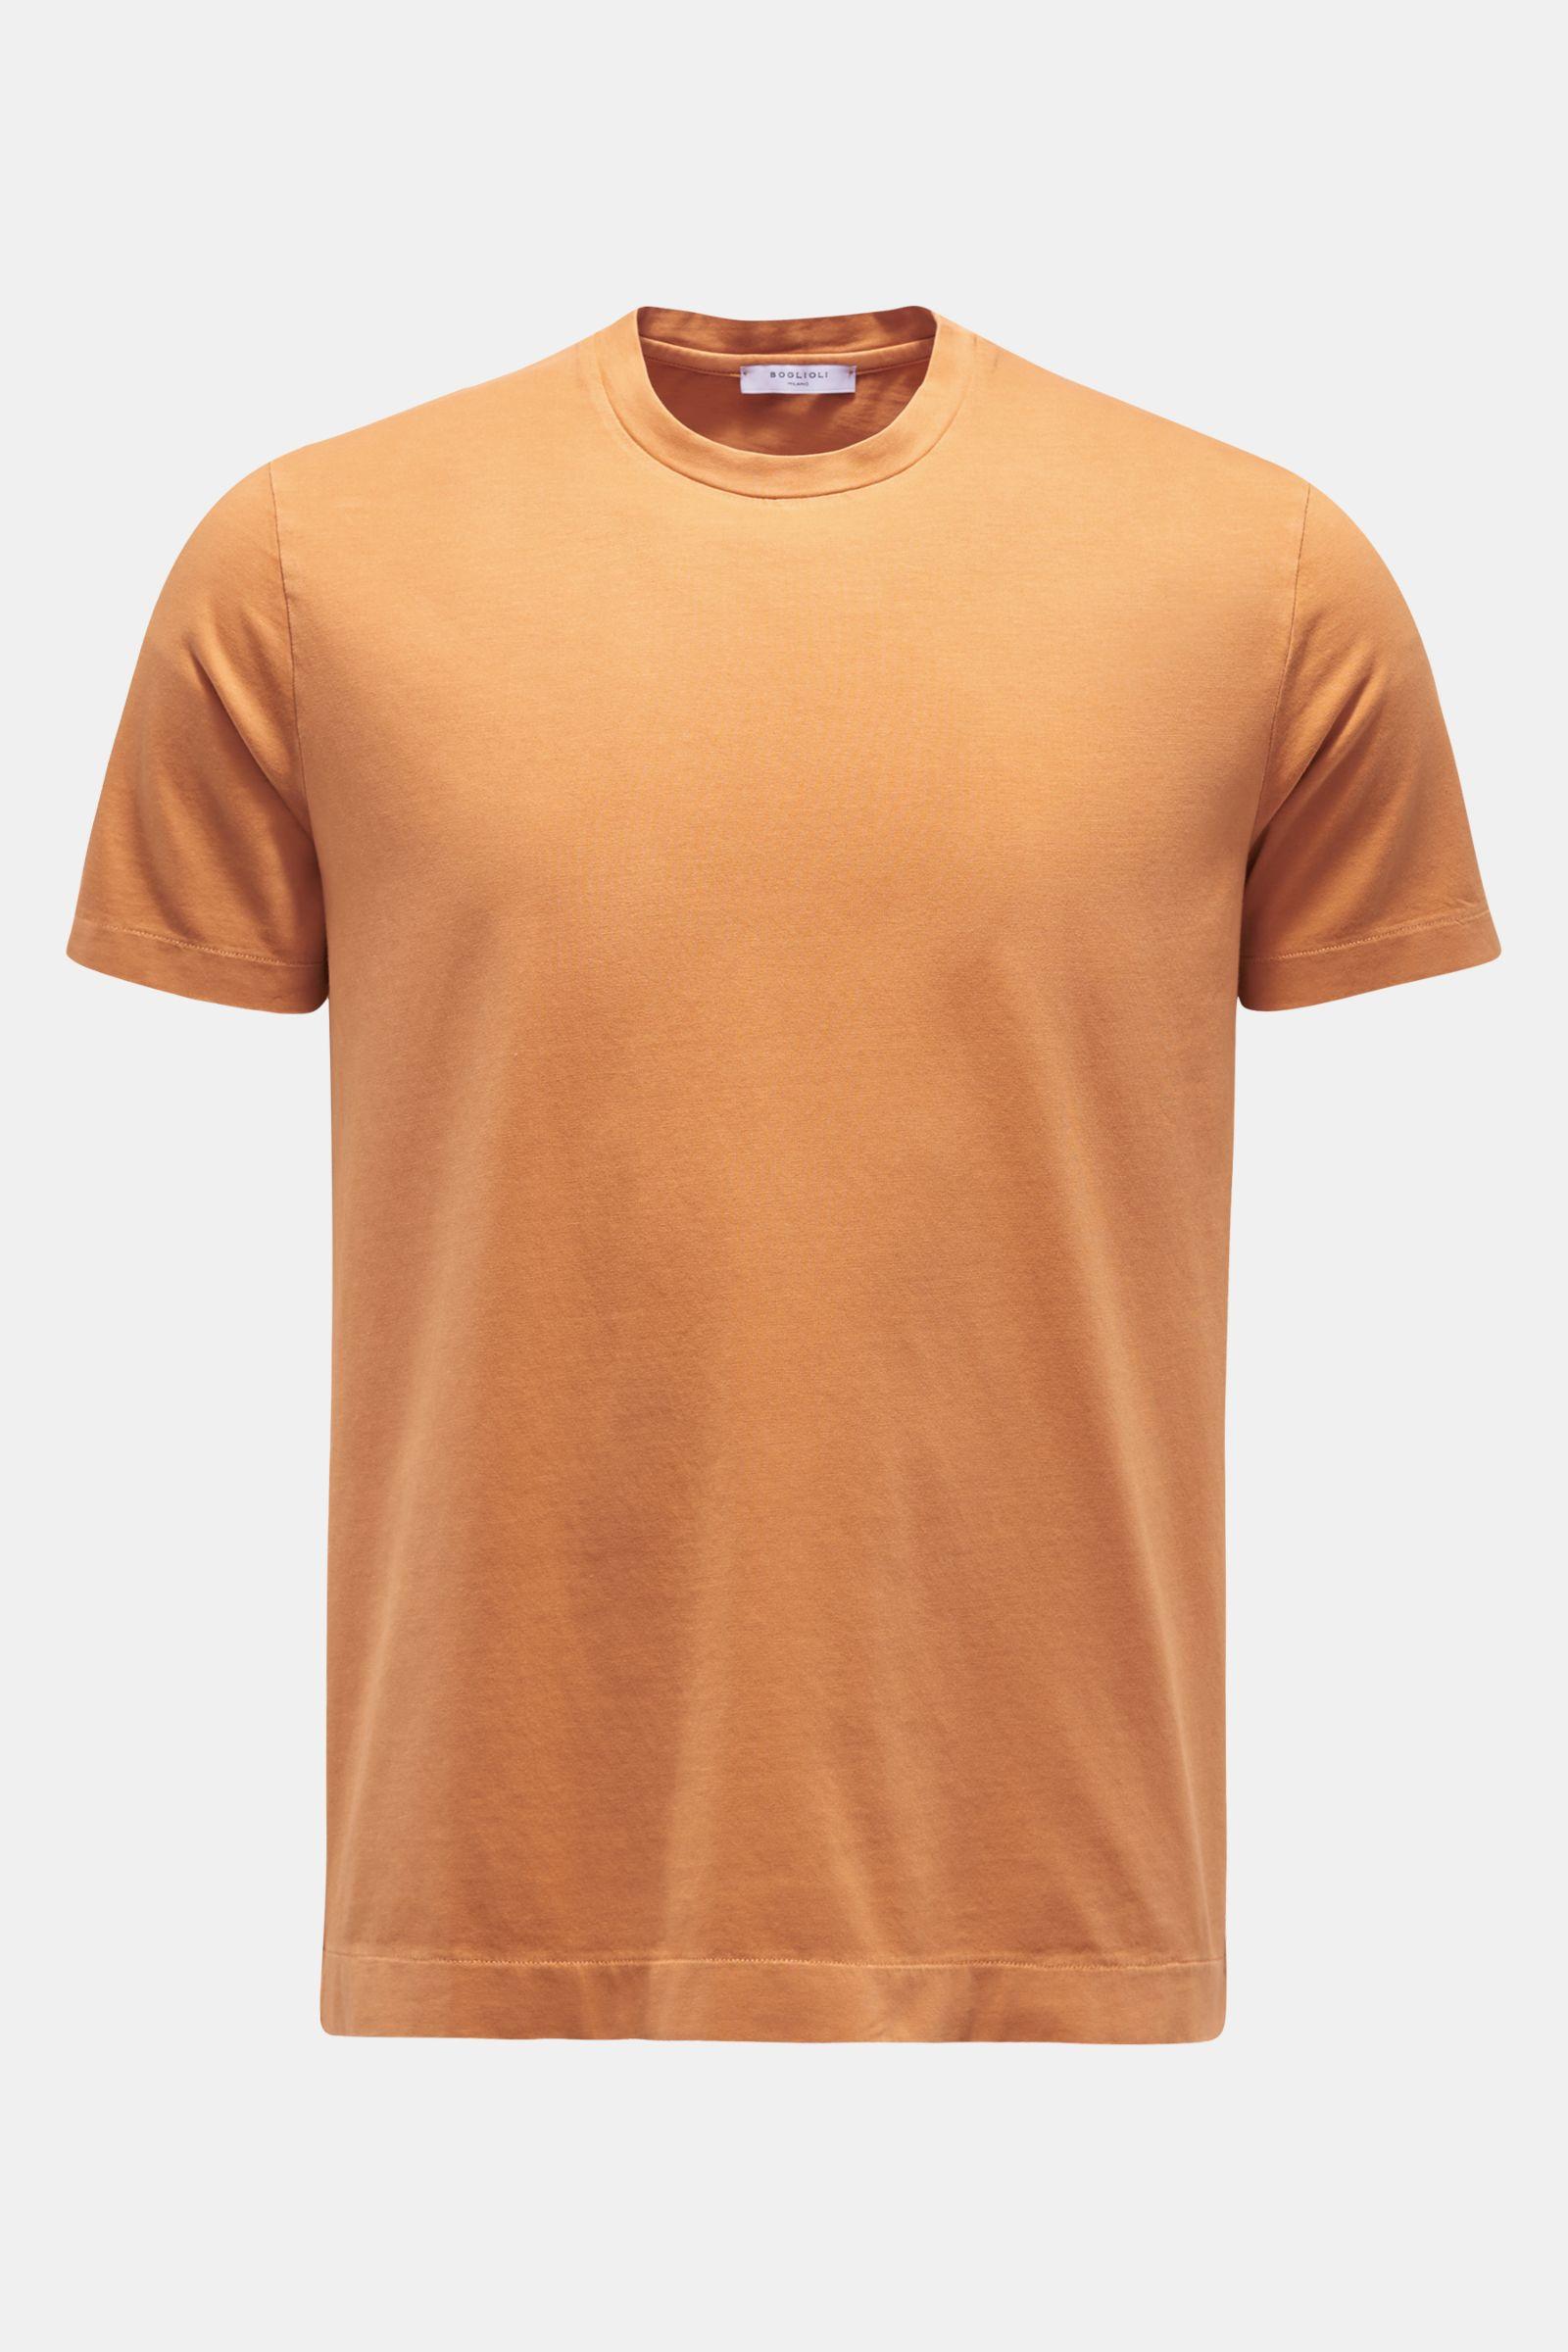 Rundhals-T-Shirt orange